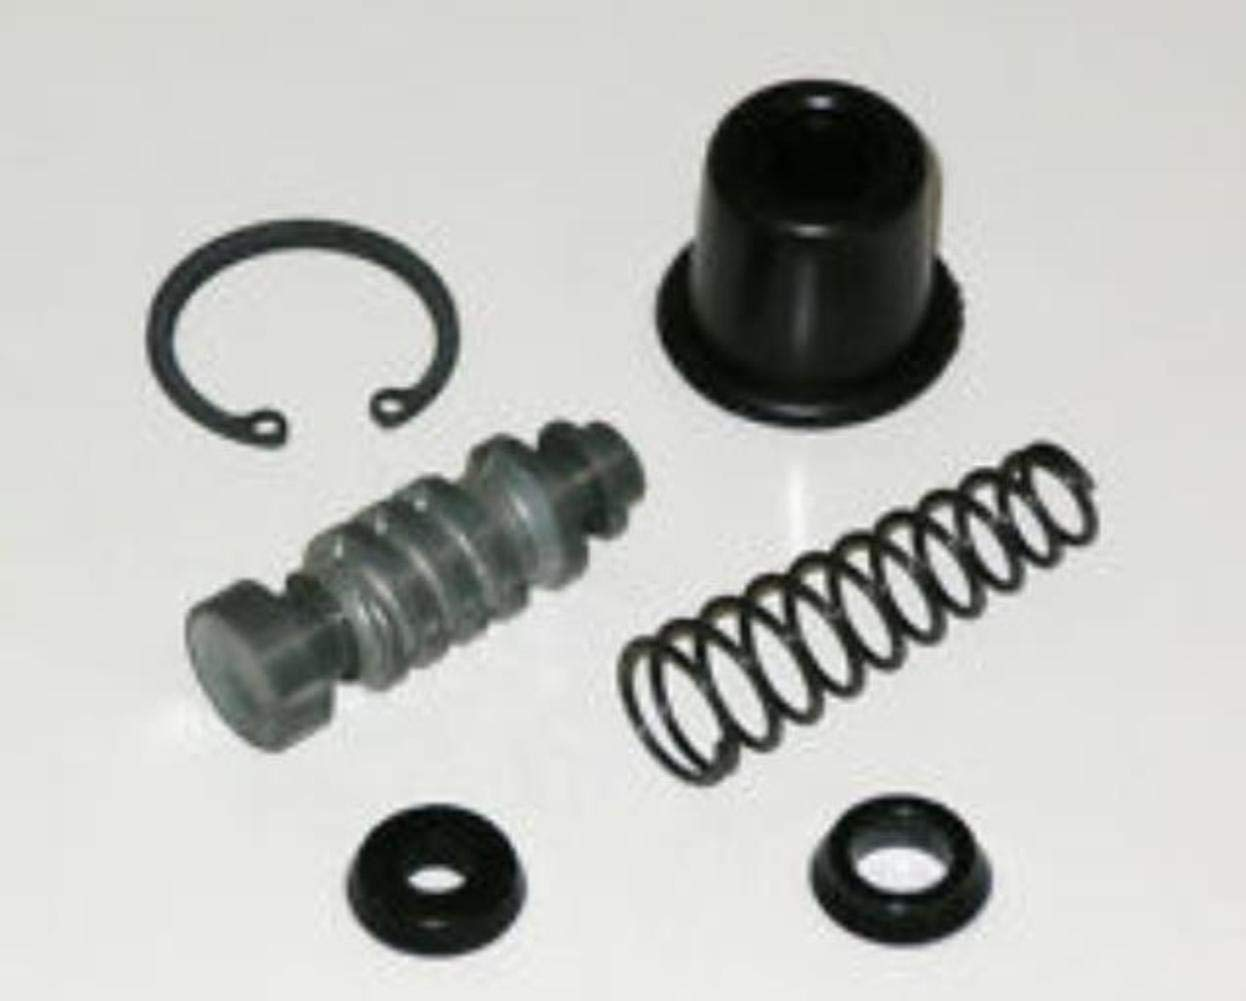 Yamaha Master Cylinder Rebuild Kit (Rear) 06-351 SHINDY LEPAZA73522